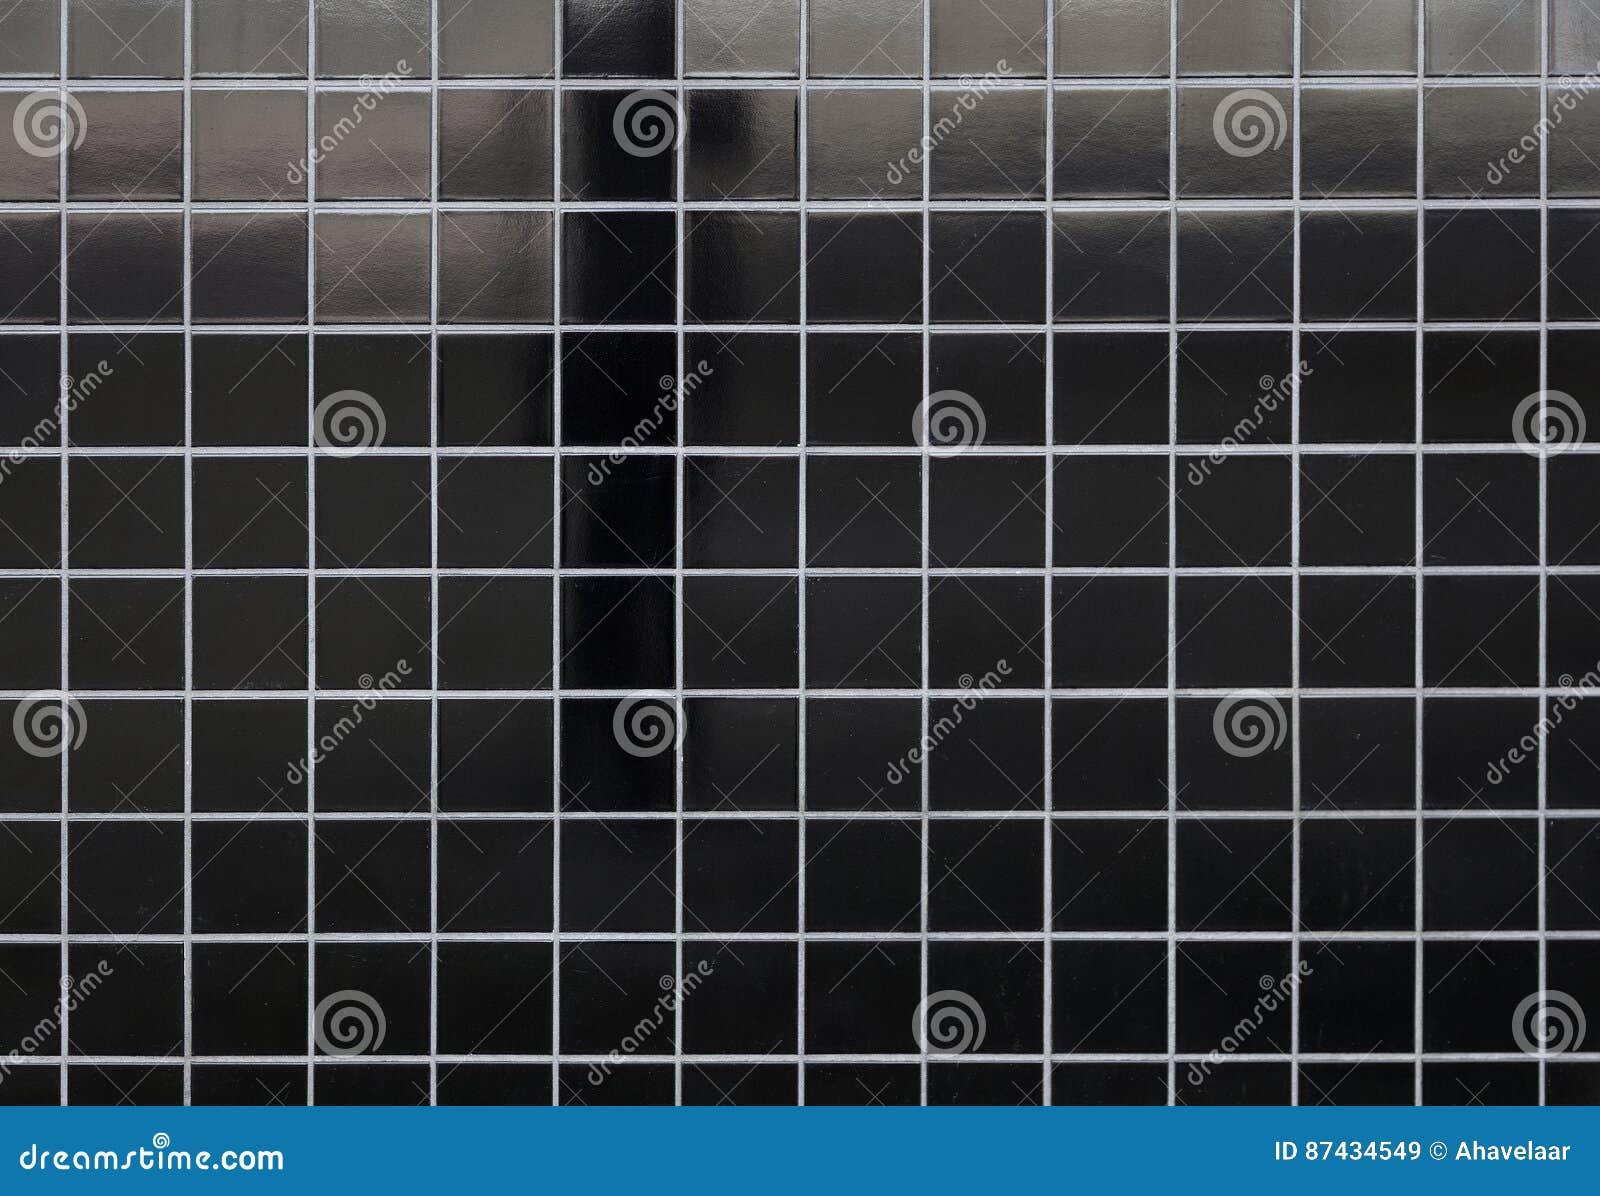 Modello delle piastrelle di ceramica e dellombra nere quadrate